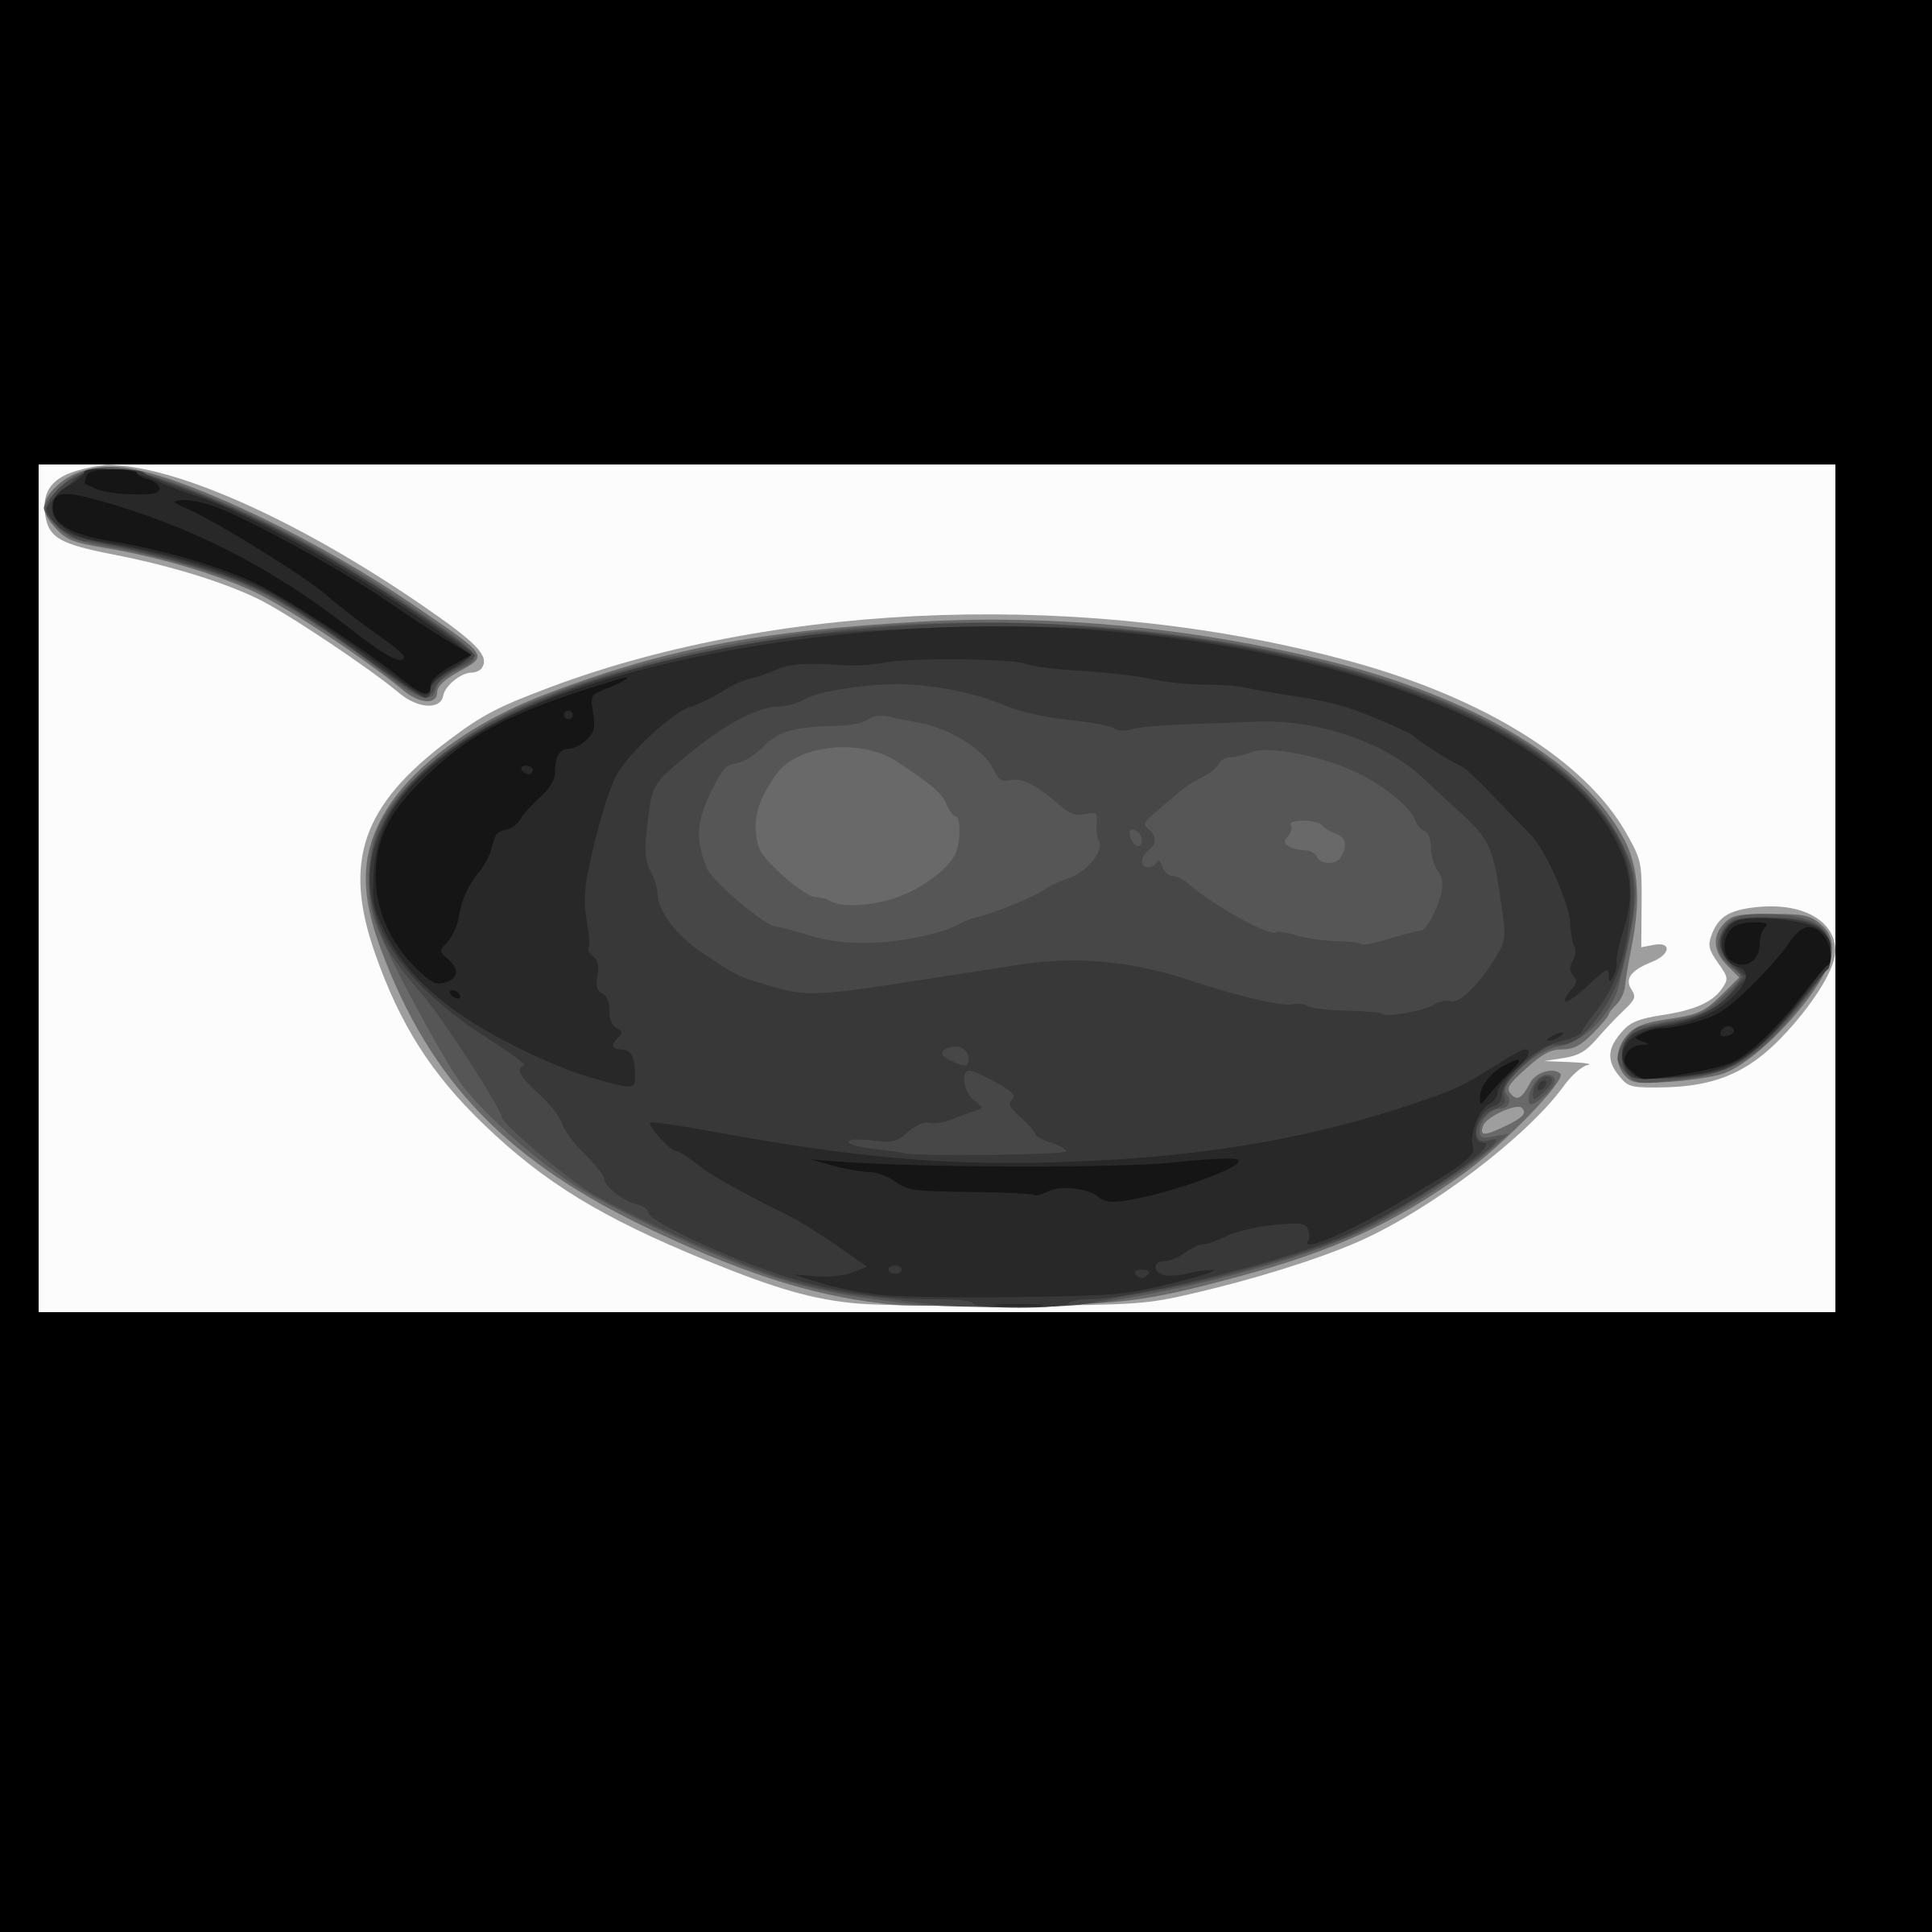 Clipart - pan